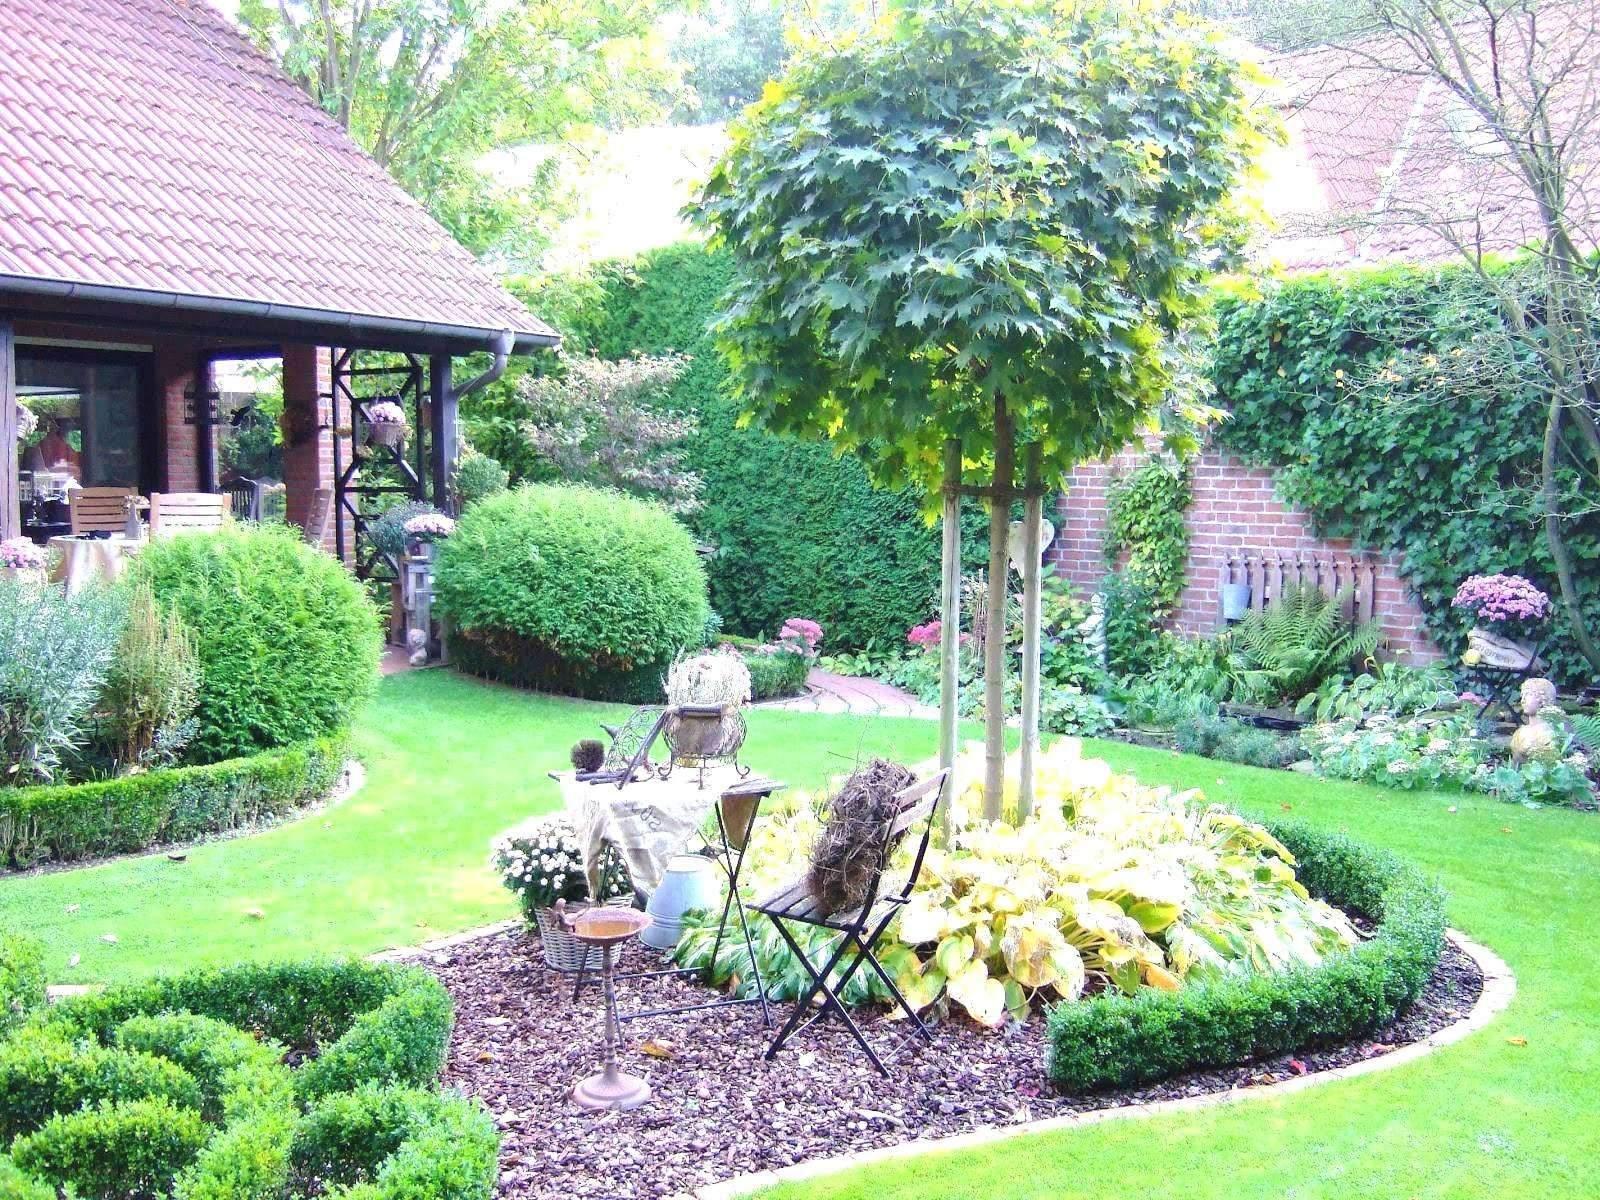 Kleinen Garten Anlegen Einzigartig 26 Schön Kleiner Garten Genial